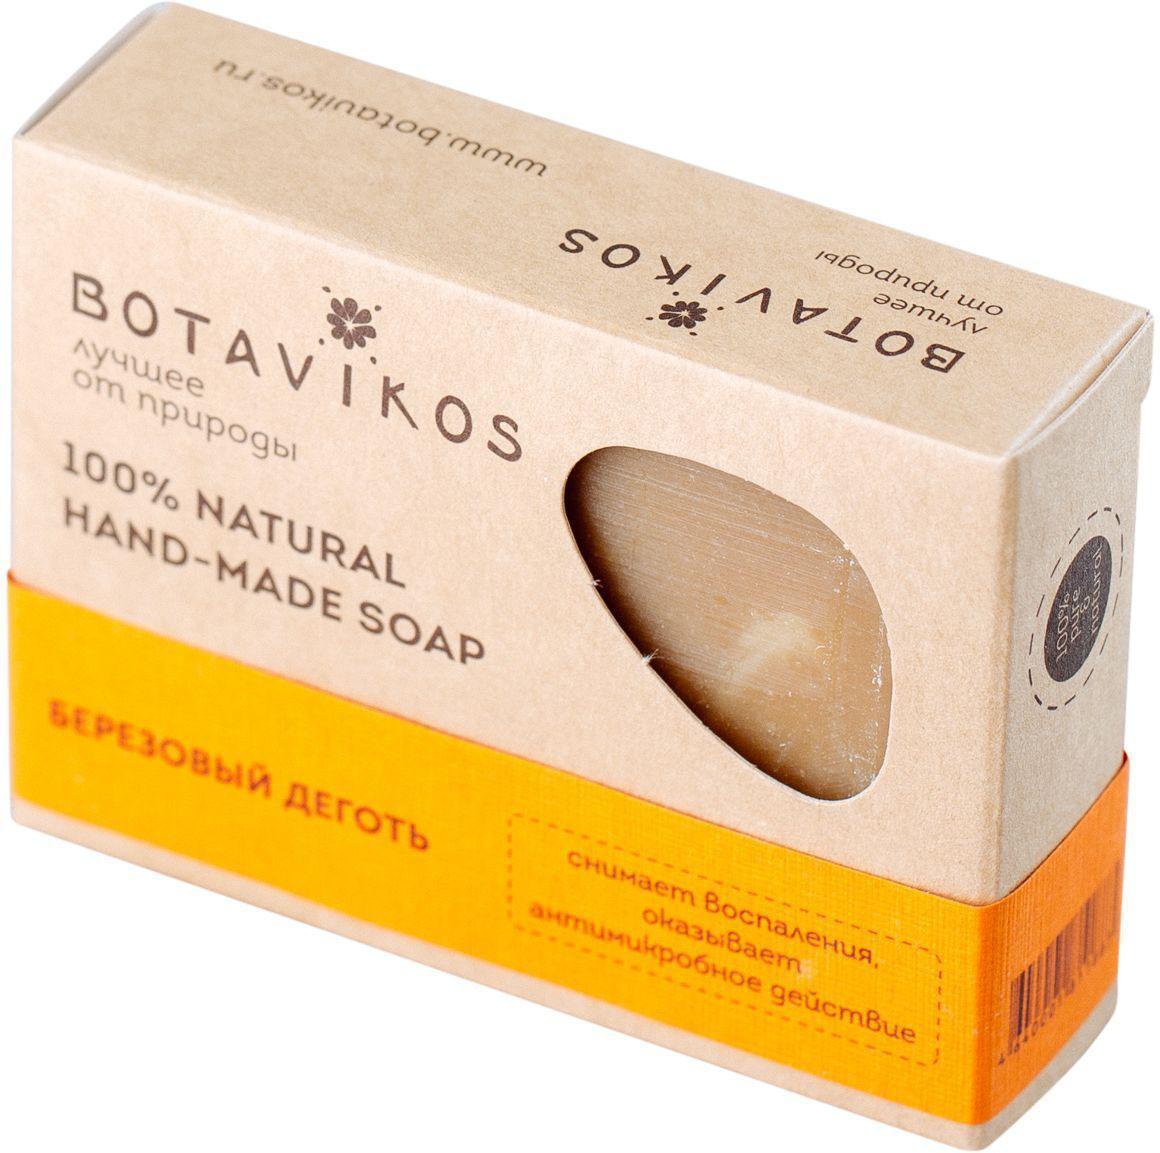 Botavikos мыло Березовый деготь00009290Мыло Березовый деготь – современная интерпретация древнерусского рецепта для эффективного очищения кожи и борьбы с кожными заболеваниями. Деготь – продукт сухой перегонки березовой коры, издревле ценился за свои целебные свойства. Специфический резкий запах мыла компенсируют его ярко выраженные противовоспалительные и антимикробные возможности и заметный косметический результат. Дегтярное мыло рекомендуется для направленного ухода за проблемной кожей, а также при экземах, чесотке, фурункулезе, нейродермите, пиодермии, себореи, зуде кожи. Среди противопоказаний к применению - очень сухая и чрезмерно чувствительная кожа.